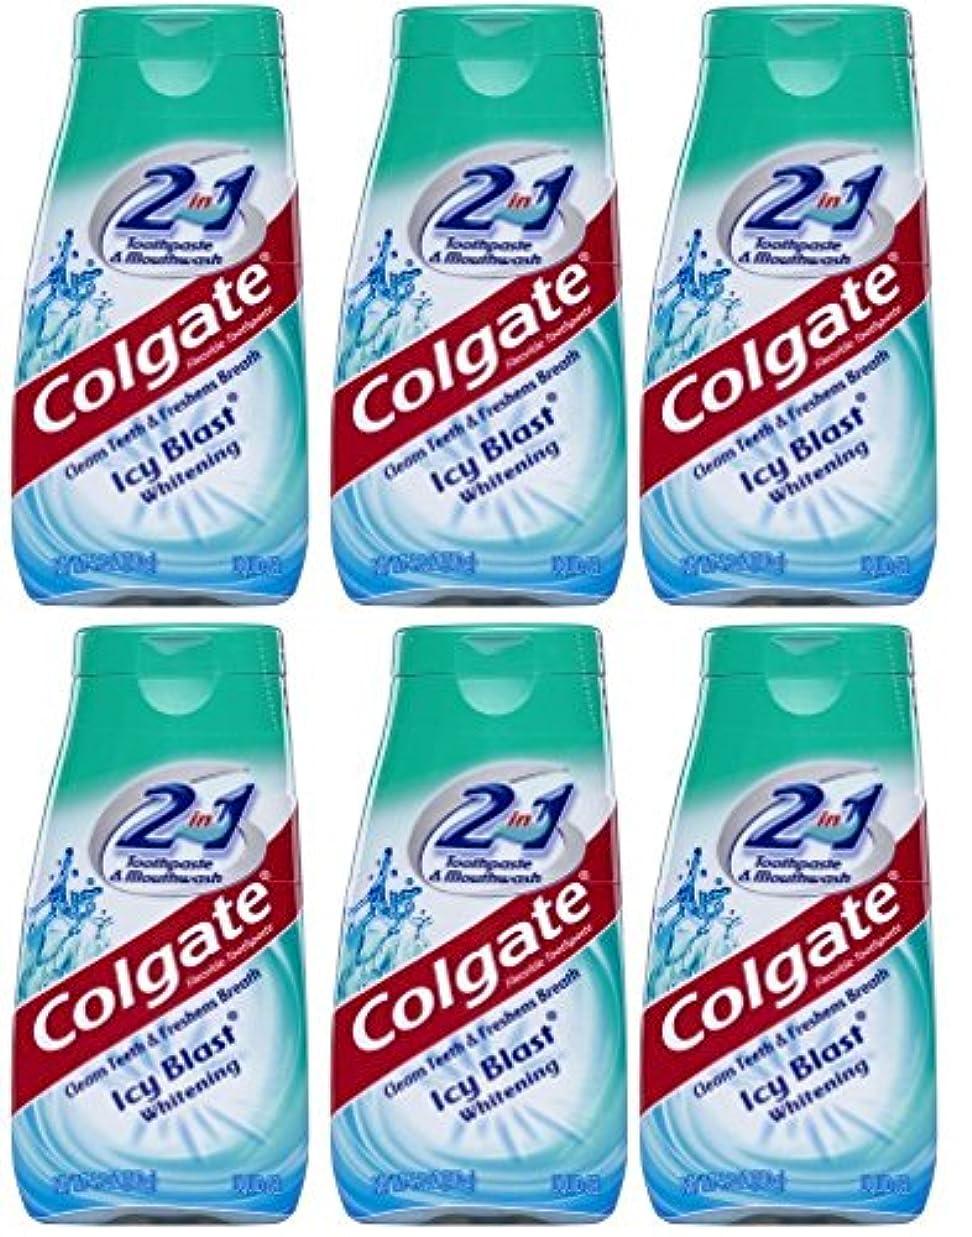 ディンカルビルキャプテンこしょうColgate 2-IN-1歯磨き粉およびマウスウォッシュ、美白アイシーブラスト、4.6オンスチューブ(6パック) 6パック